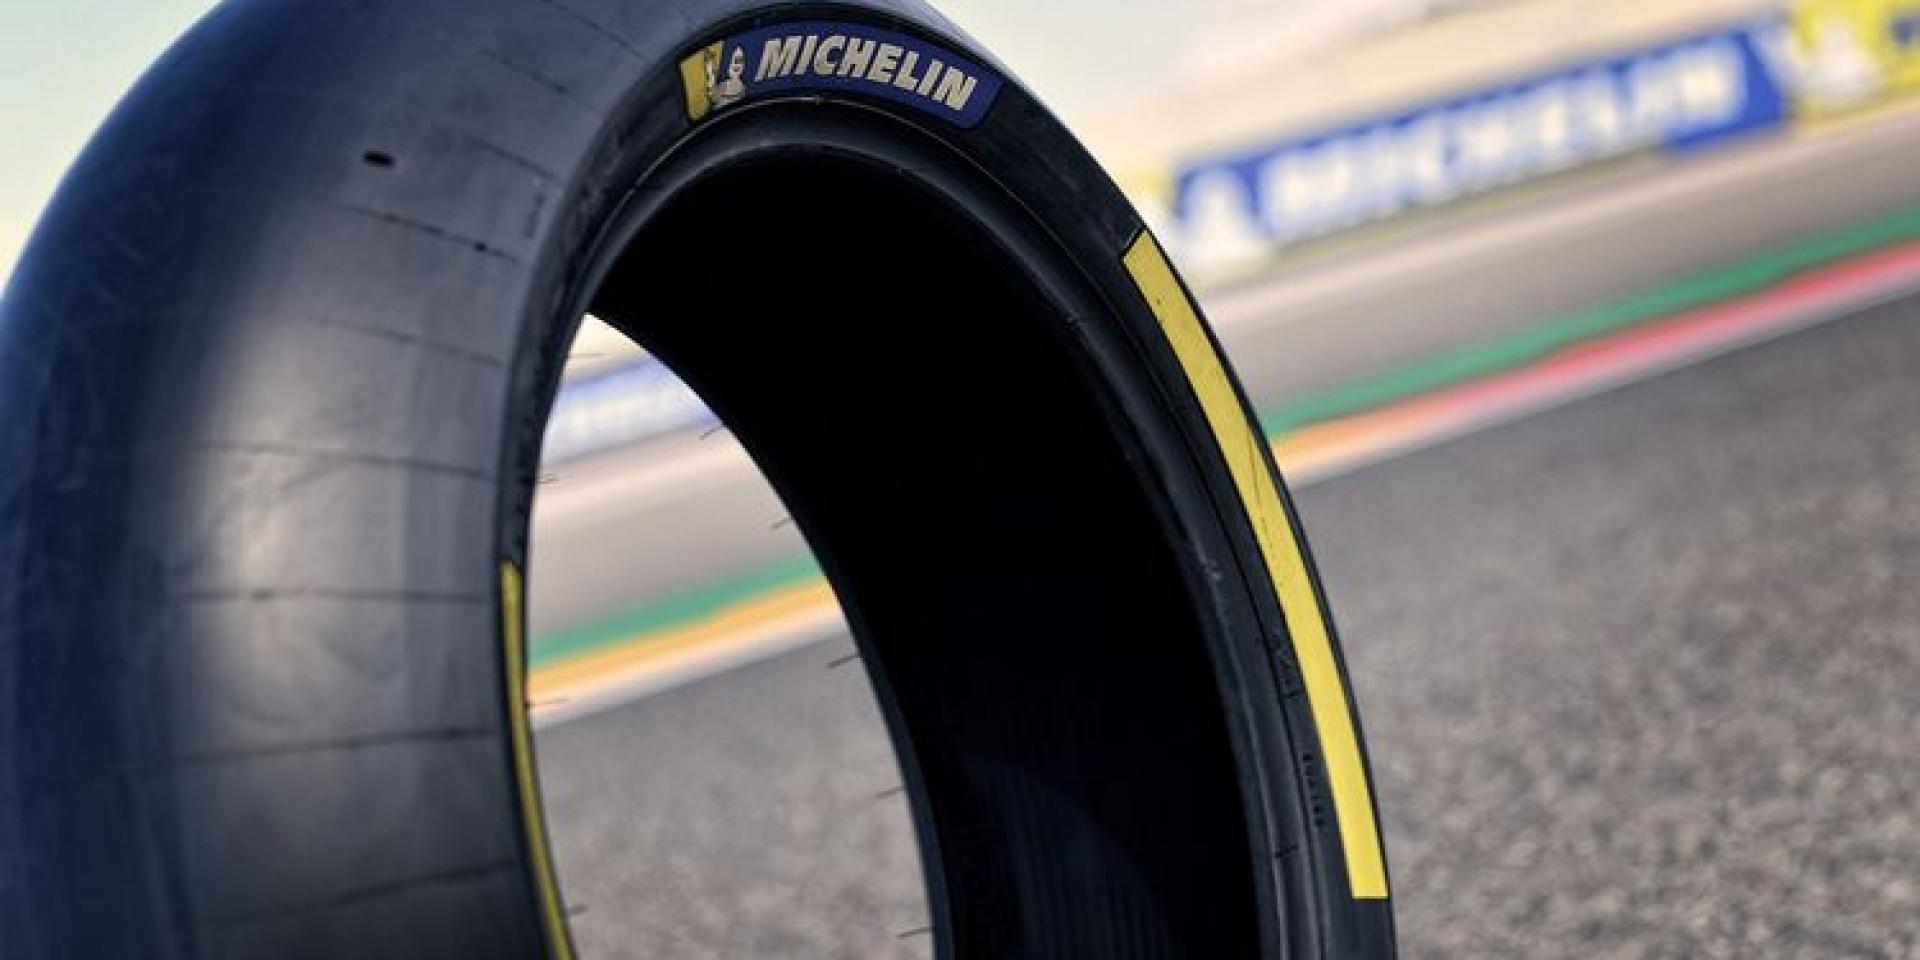 會是驚喜,還是驚嚇?MICHELIN在Misano分站帶來全新不對稱配方前輪。